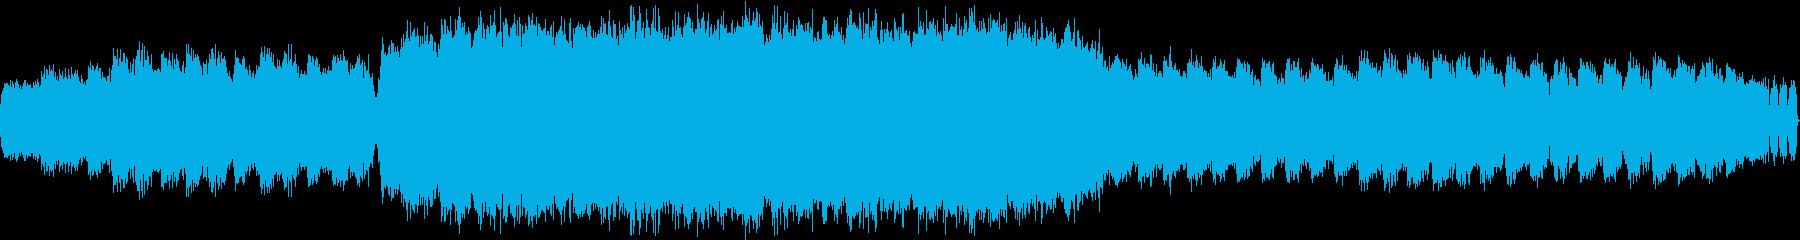 宇宙のイメージの瞑想用音楽の再生済みの波形